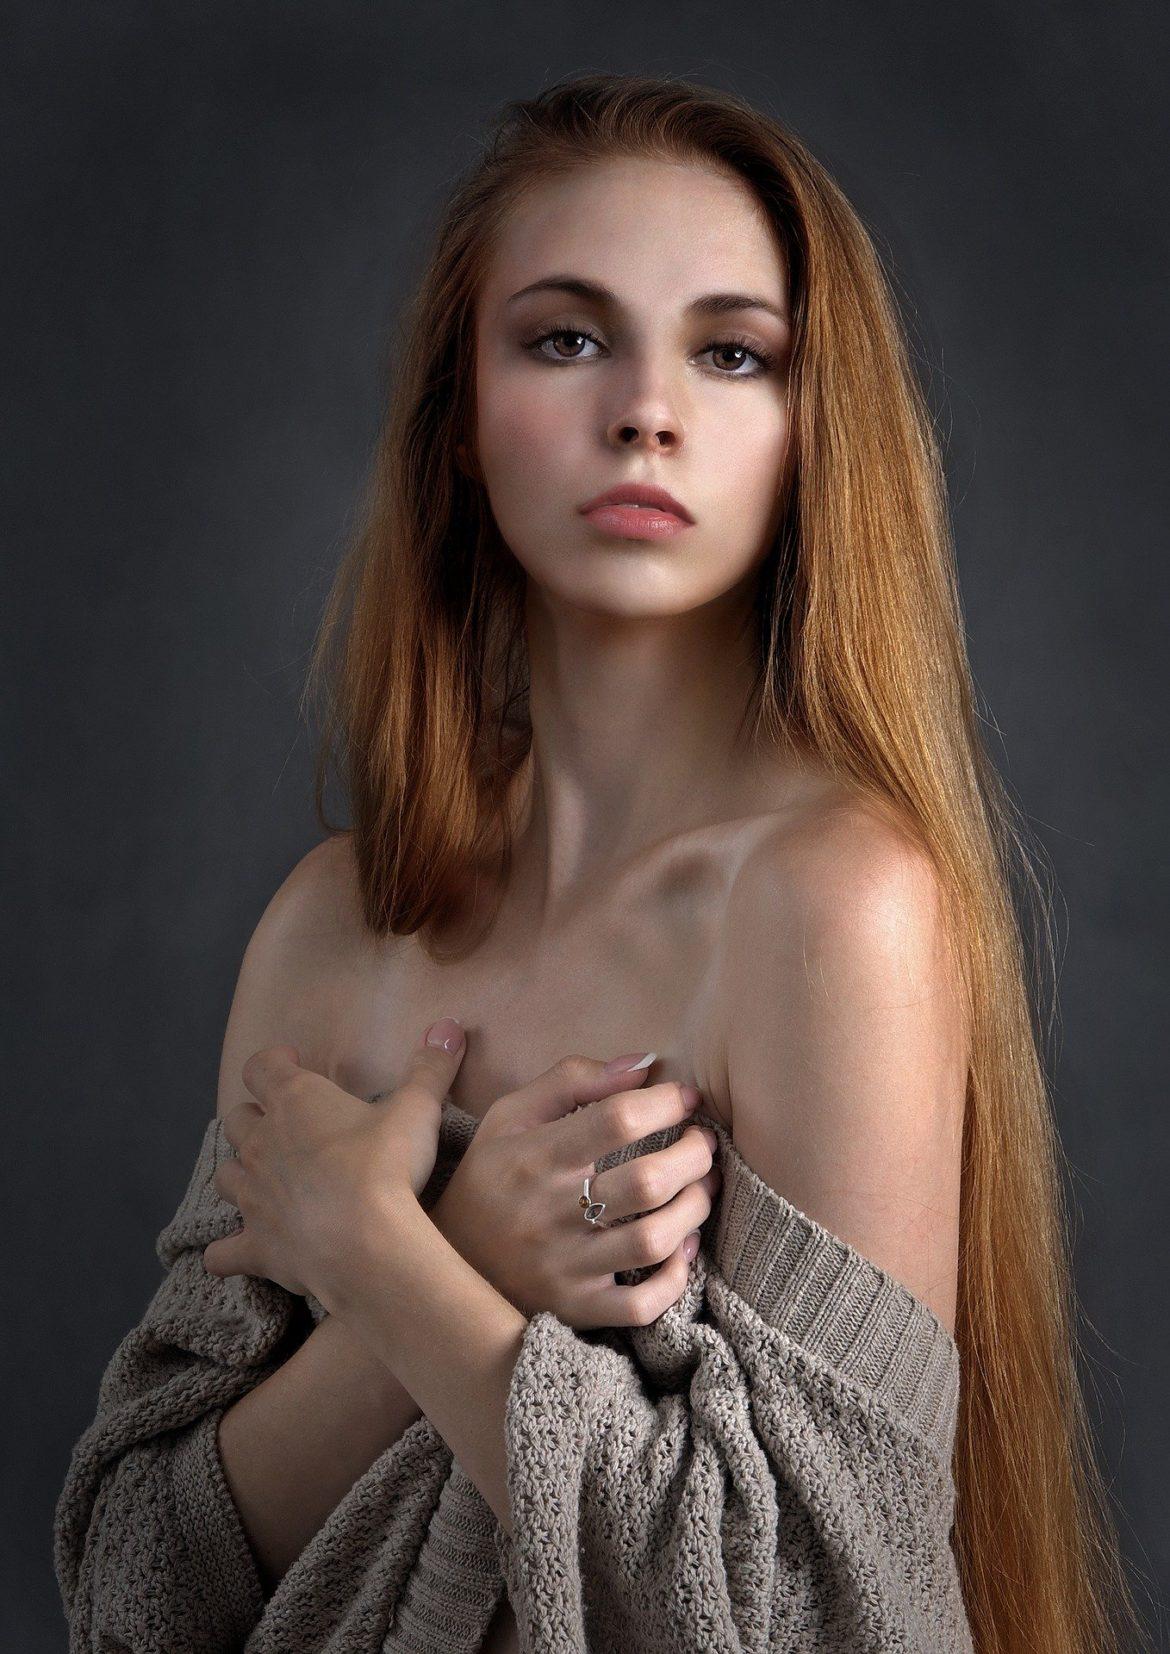 Prix de l'augmentation mammaire : Attention aux belles offres